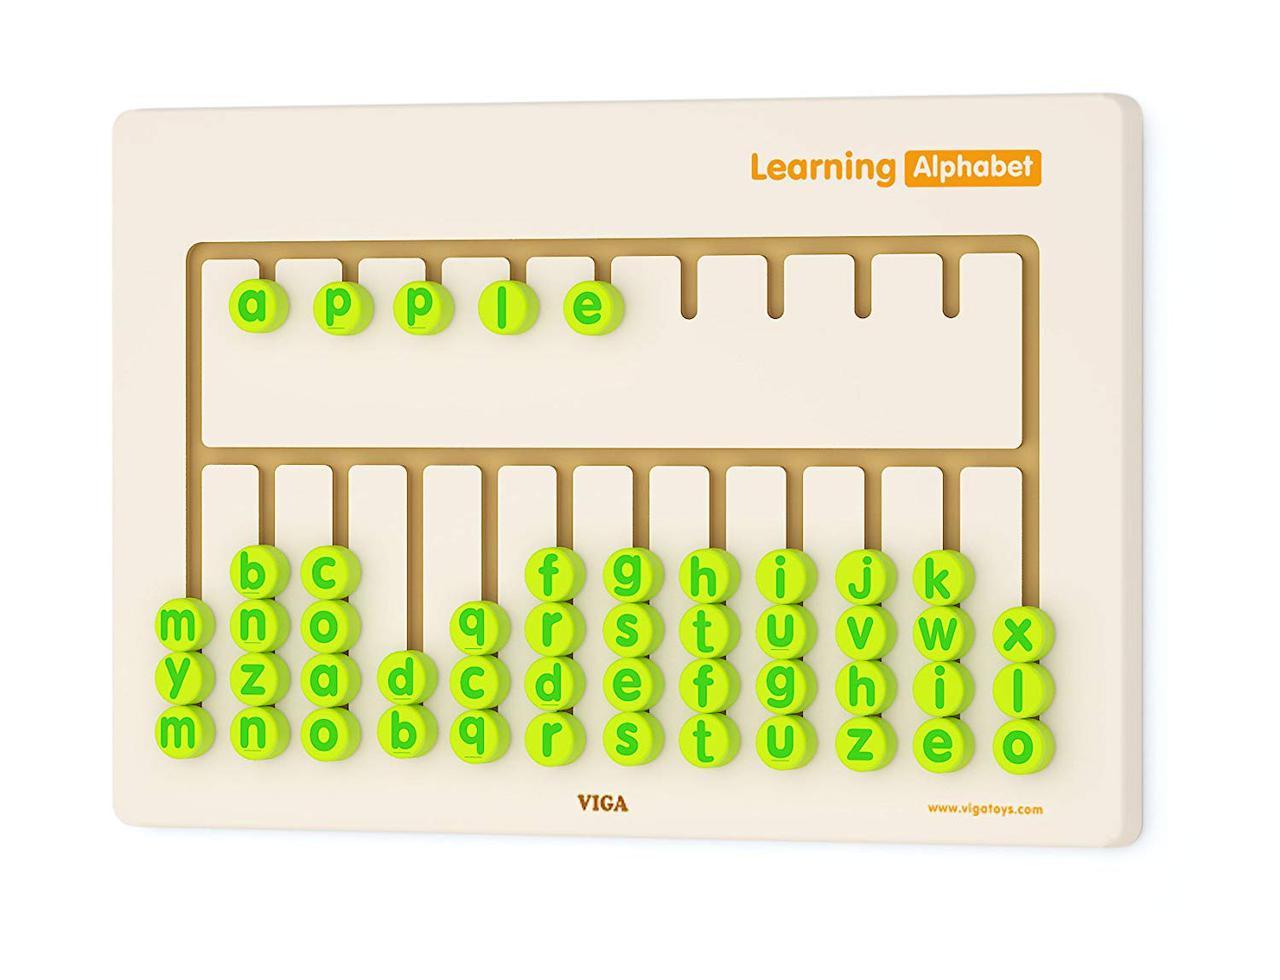 Набор для обучения бизиборд Алфавит Viga toys (50674)